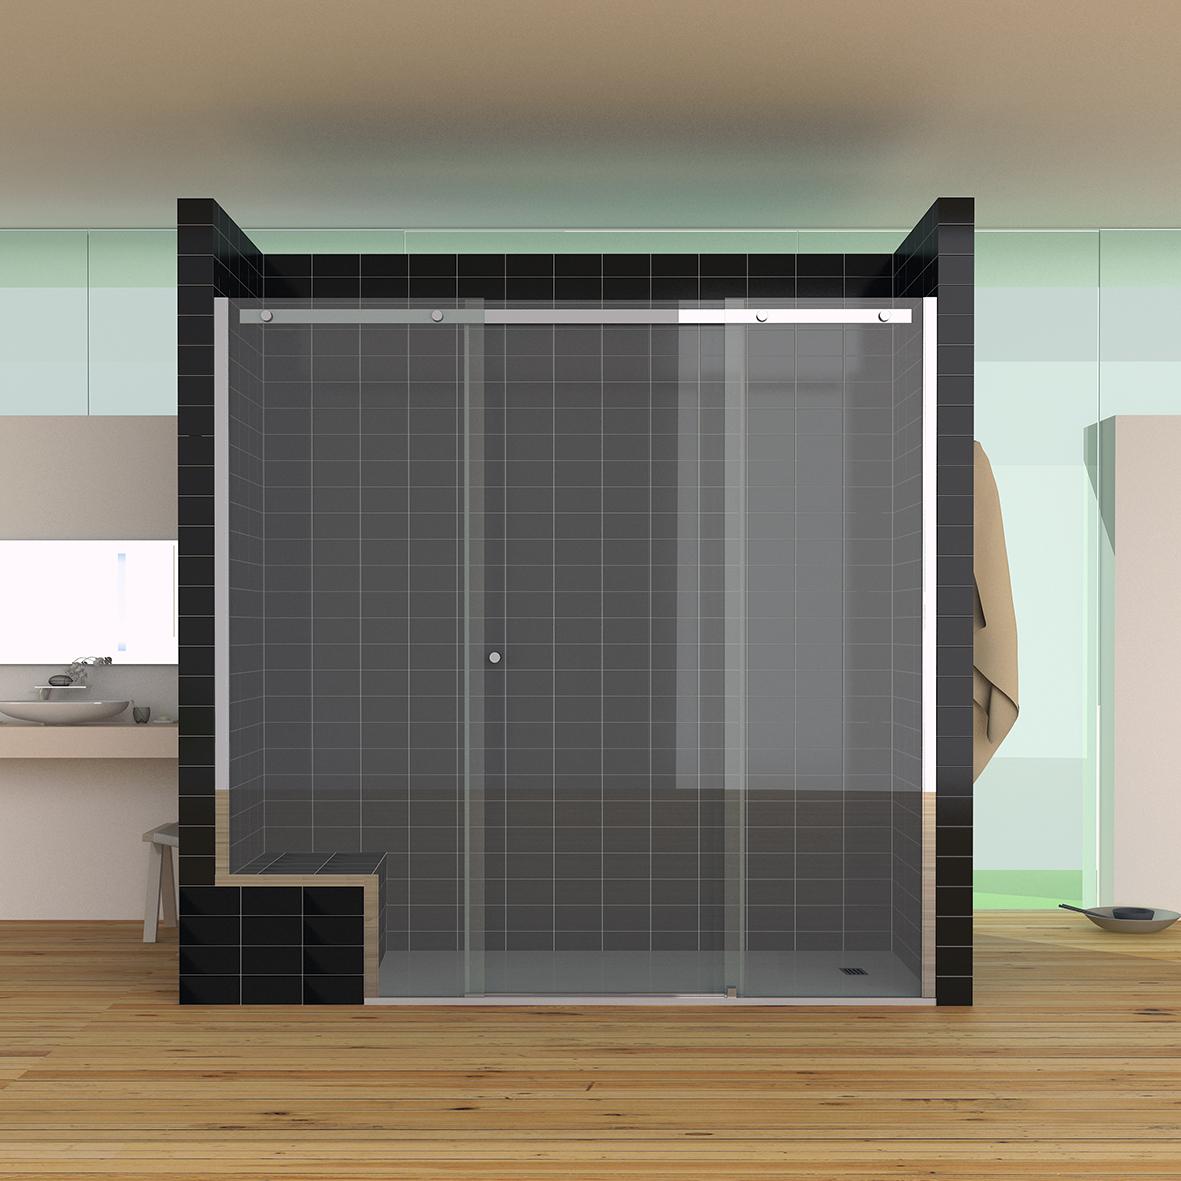 SU3R - Nueva serie Suite. Mampara de baño